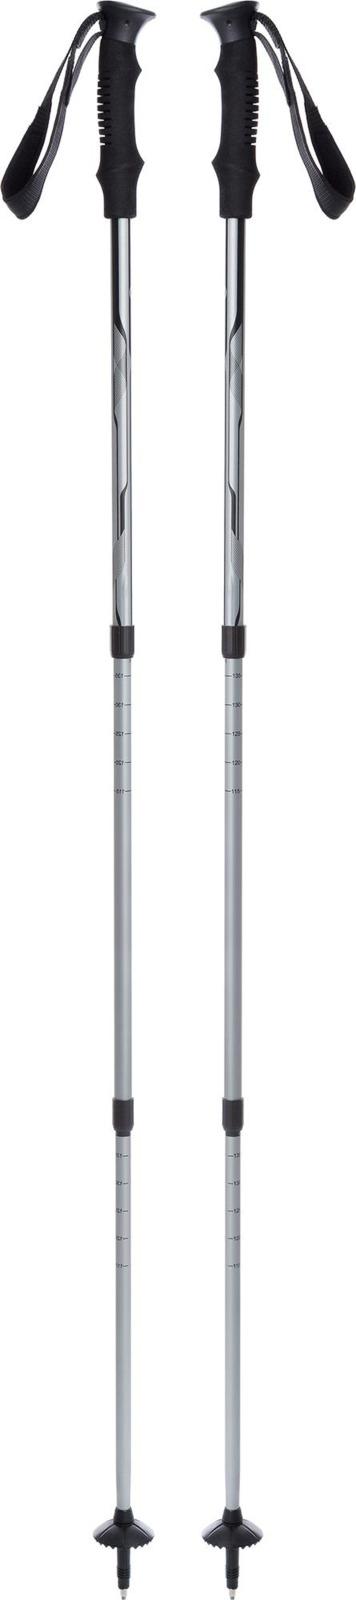 Палки для ходьбы Outventure ex-KE6301 Trekking Poles, EOUOE00602, серебряный